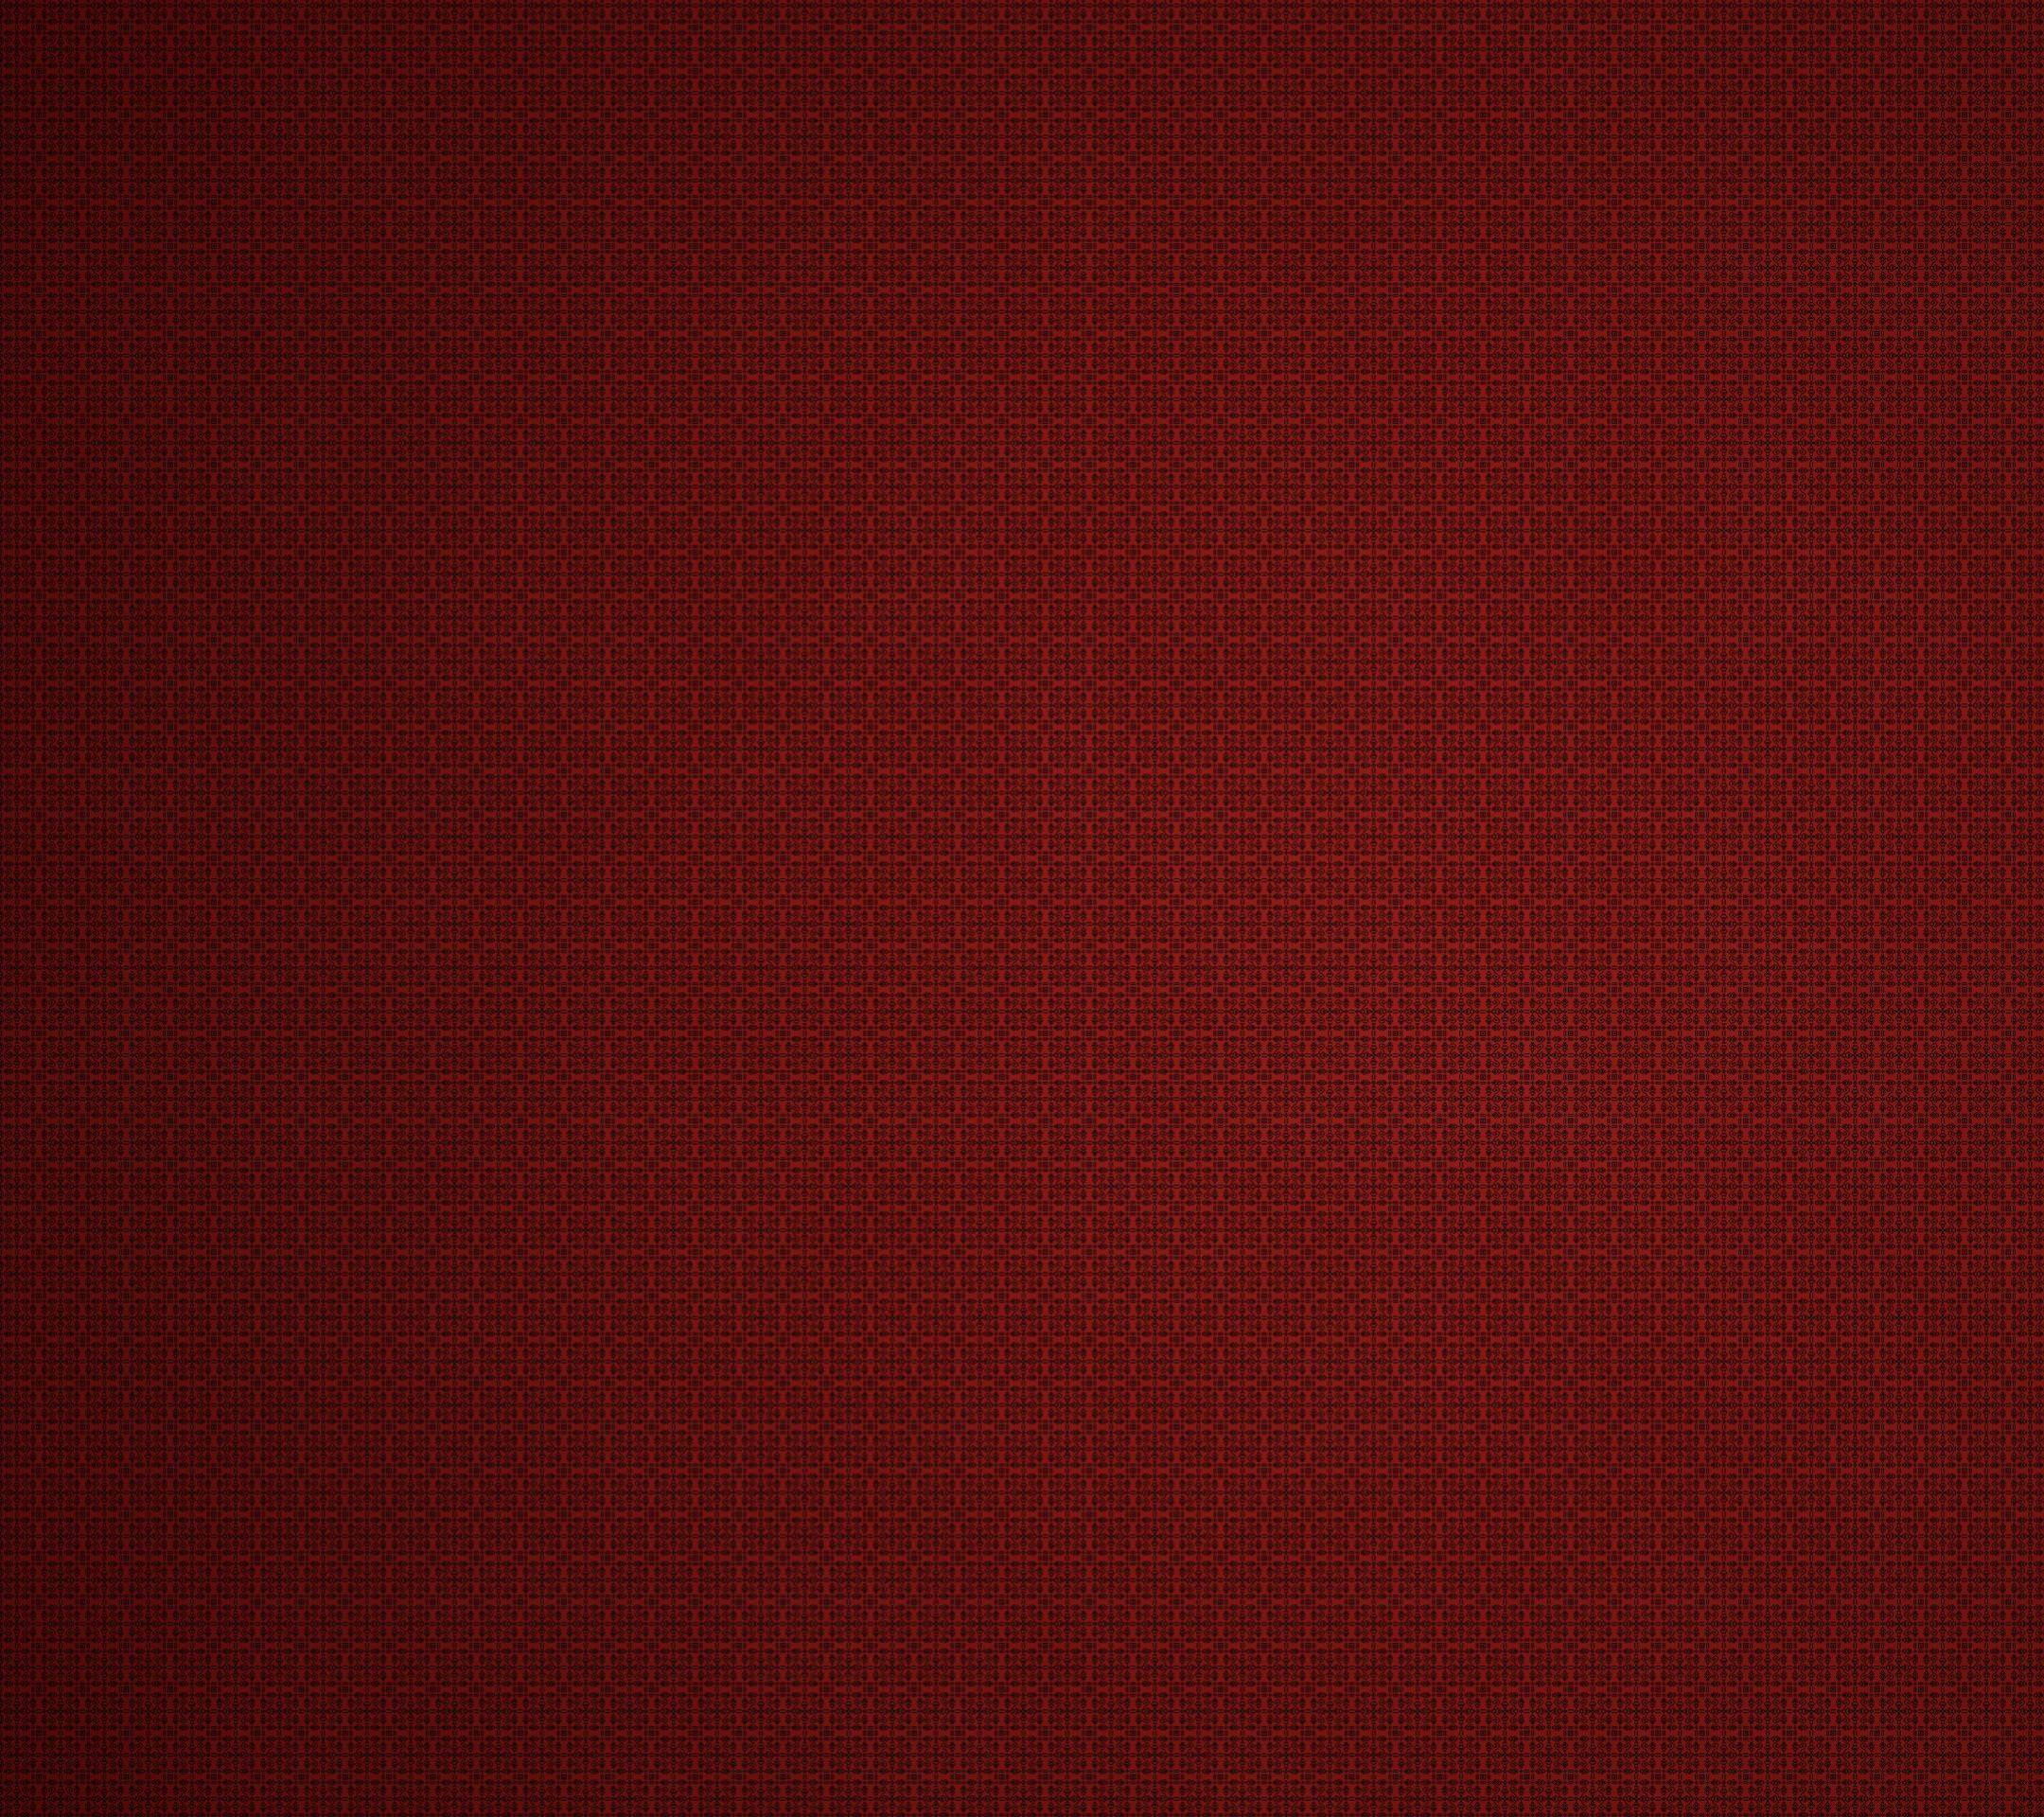 レッド・パターン Android壁紙(2160x1920)